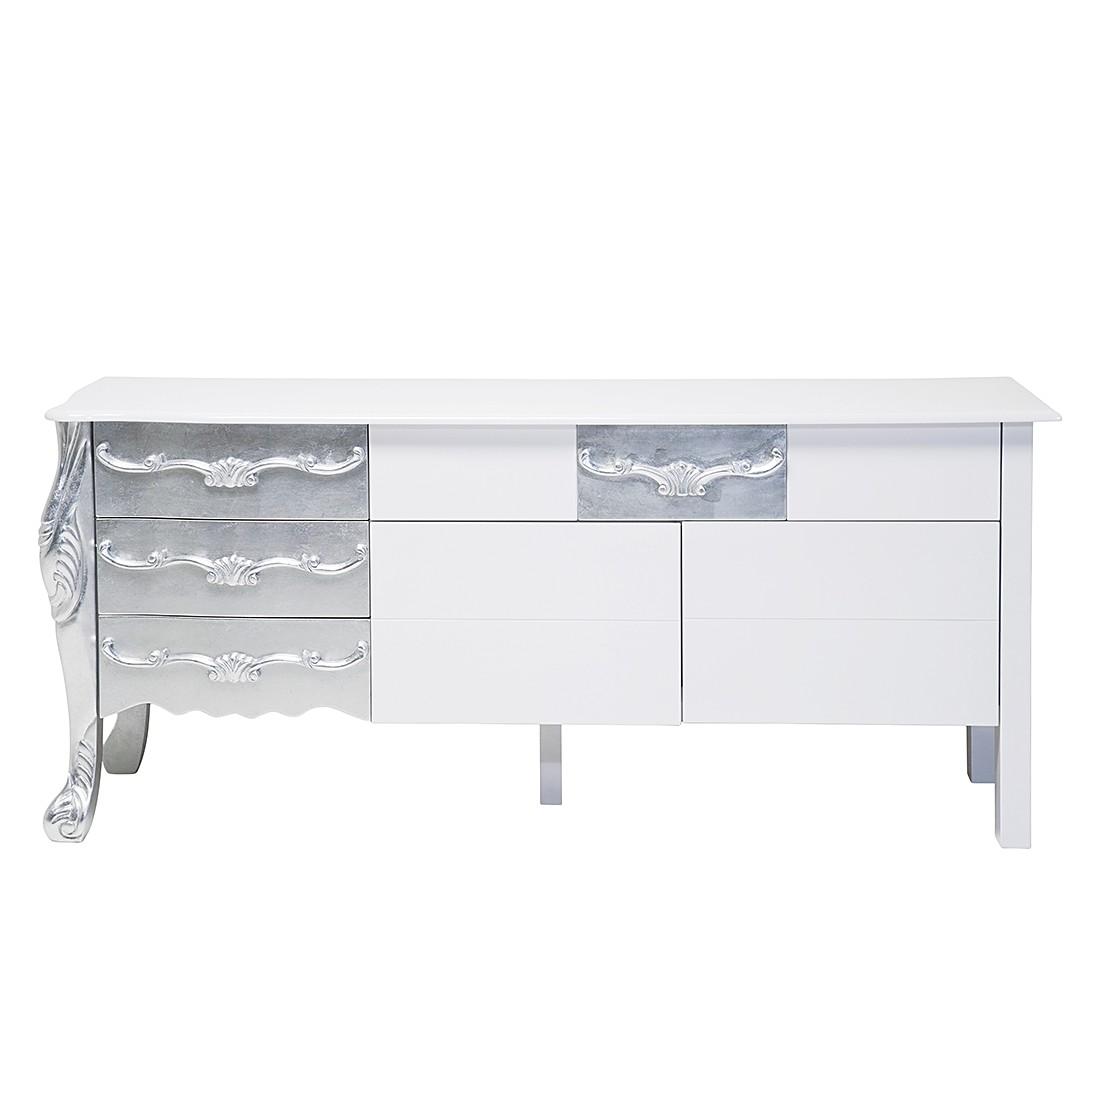 Home 24 - Buffet janus, kare design